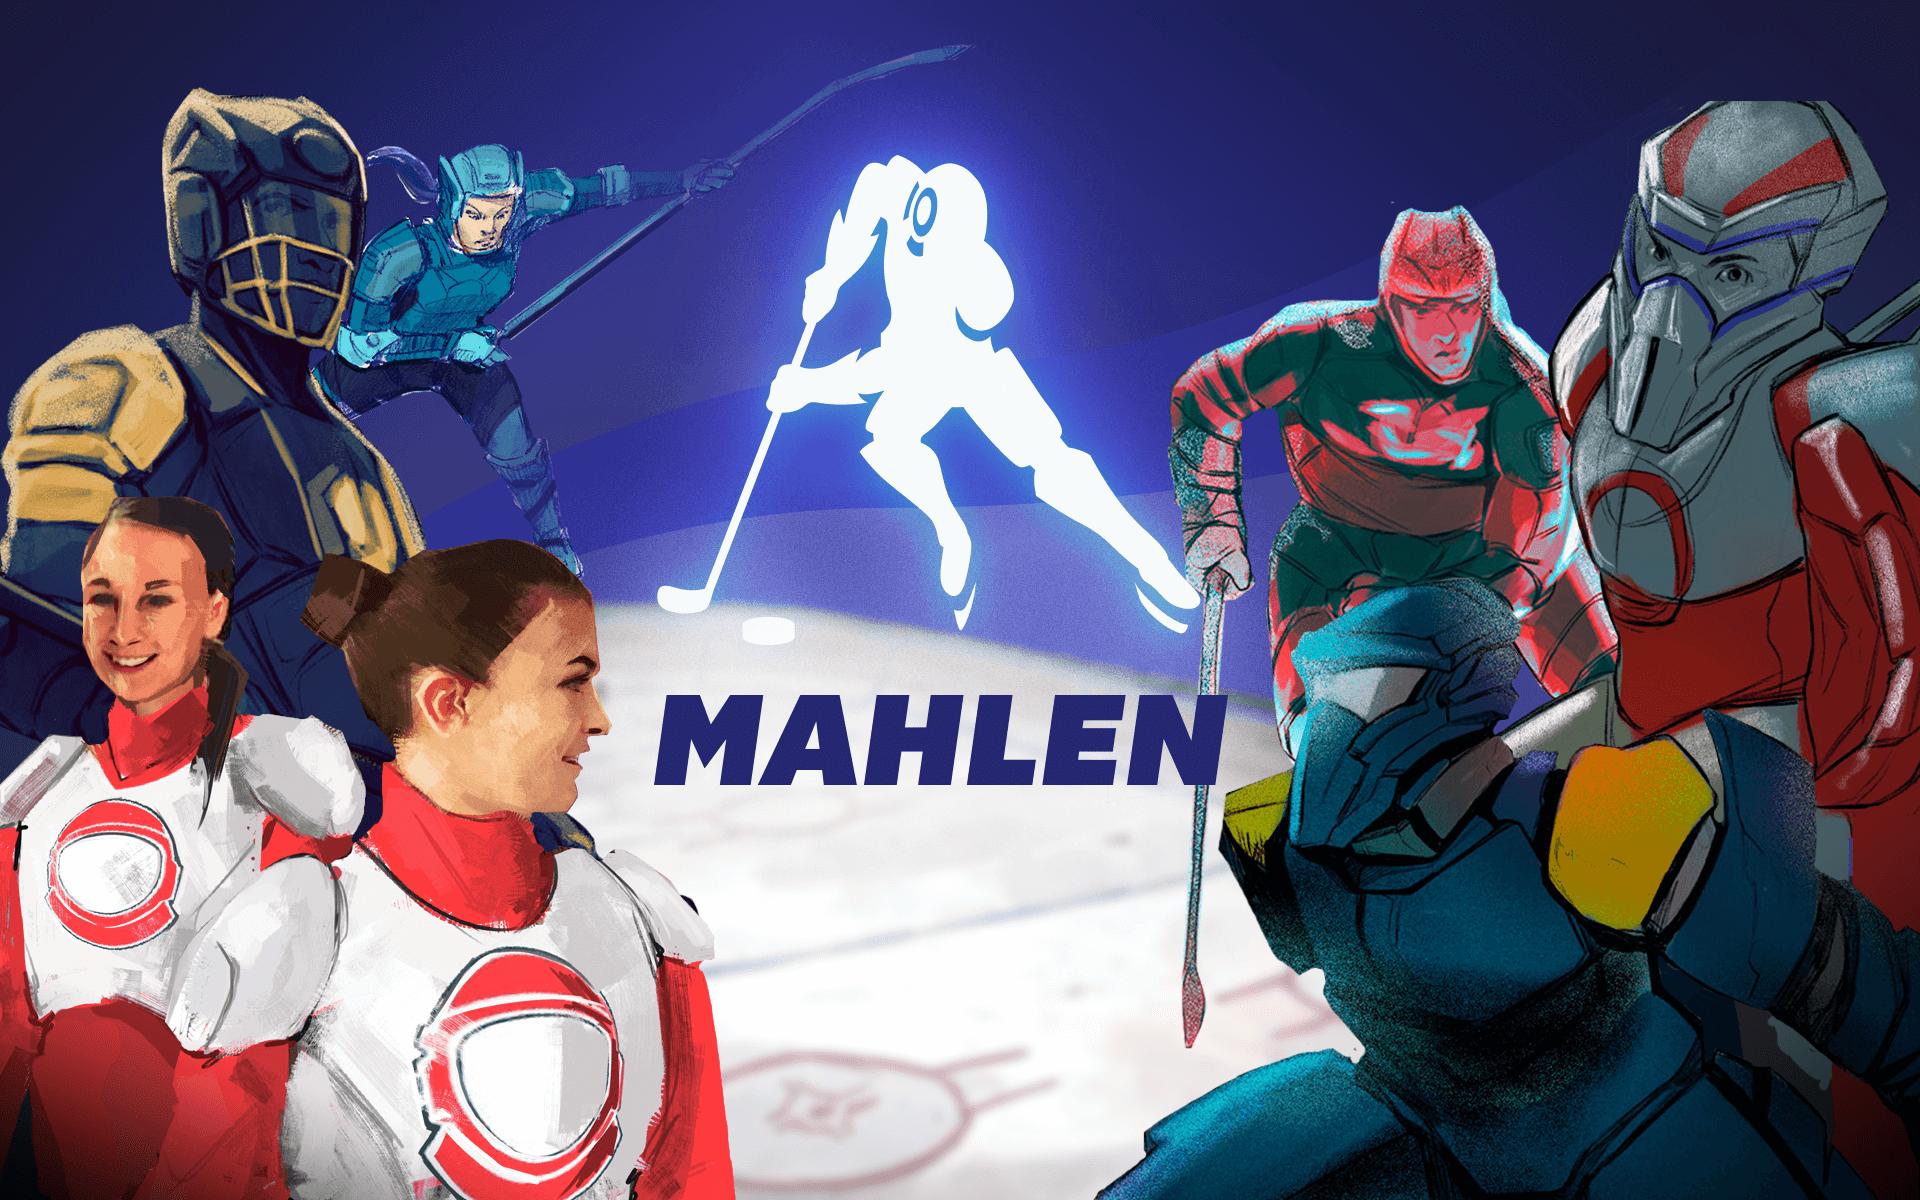 mahlen-banner-compressed.png